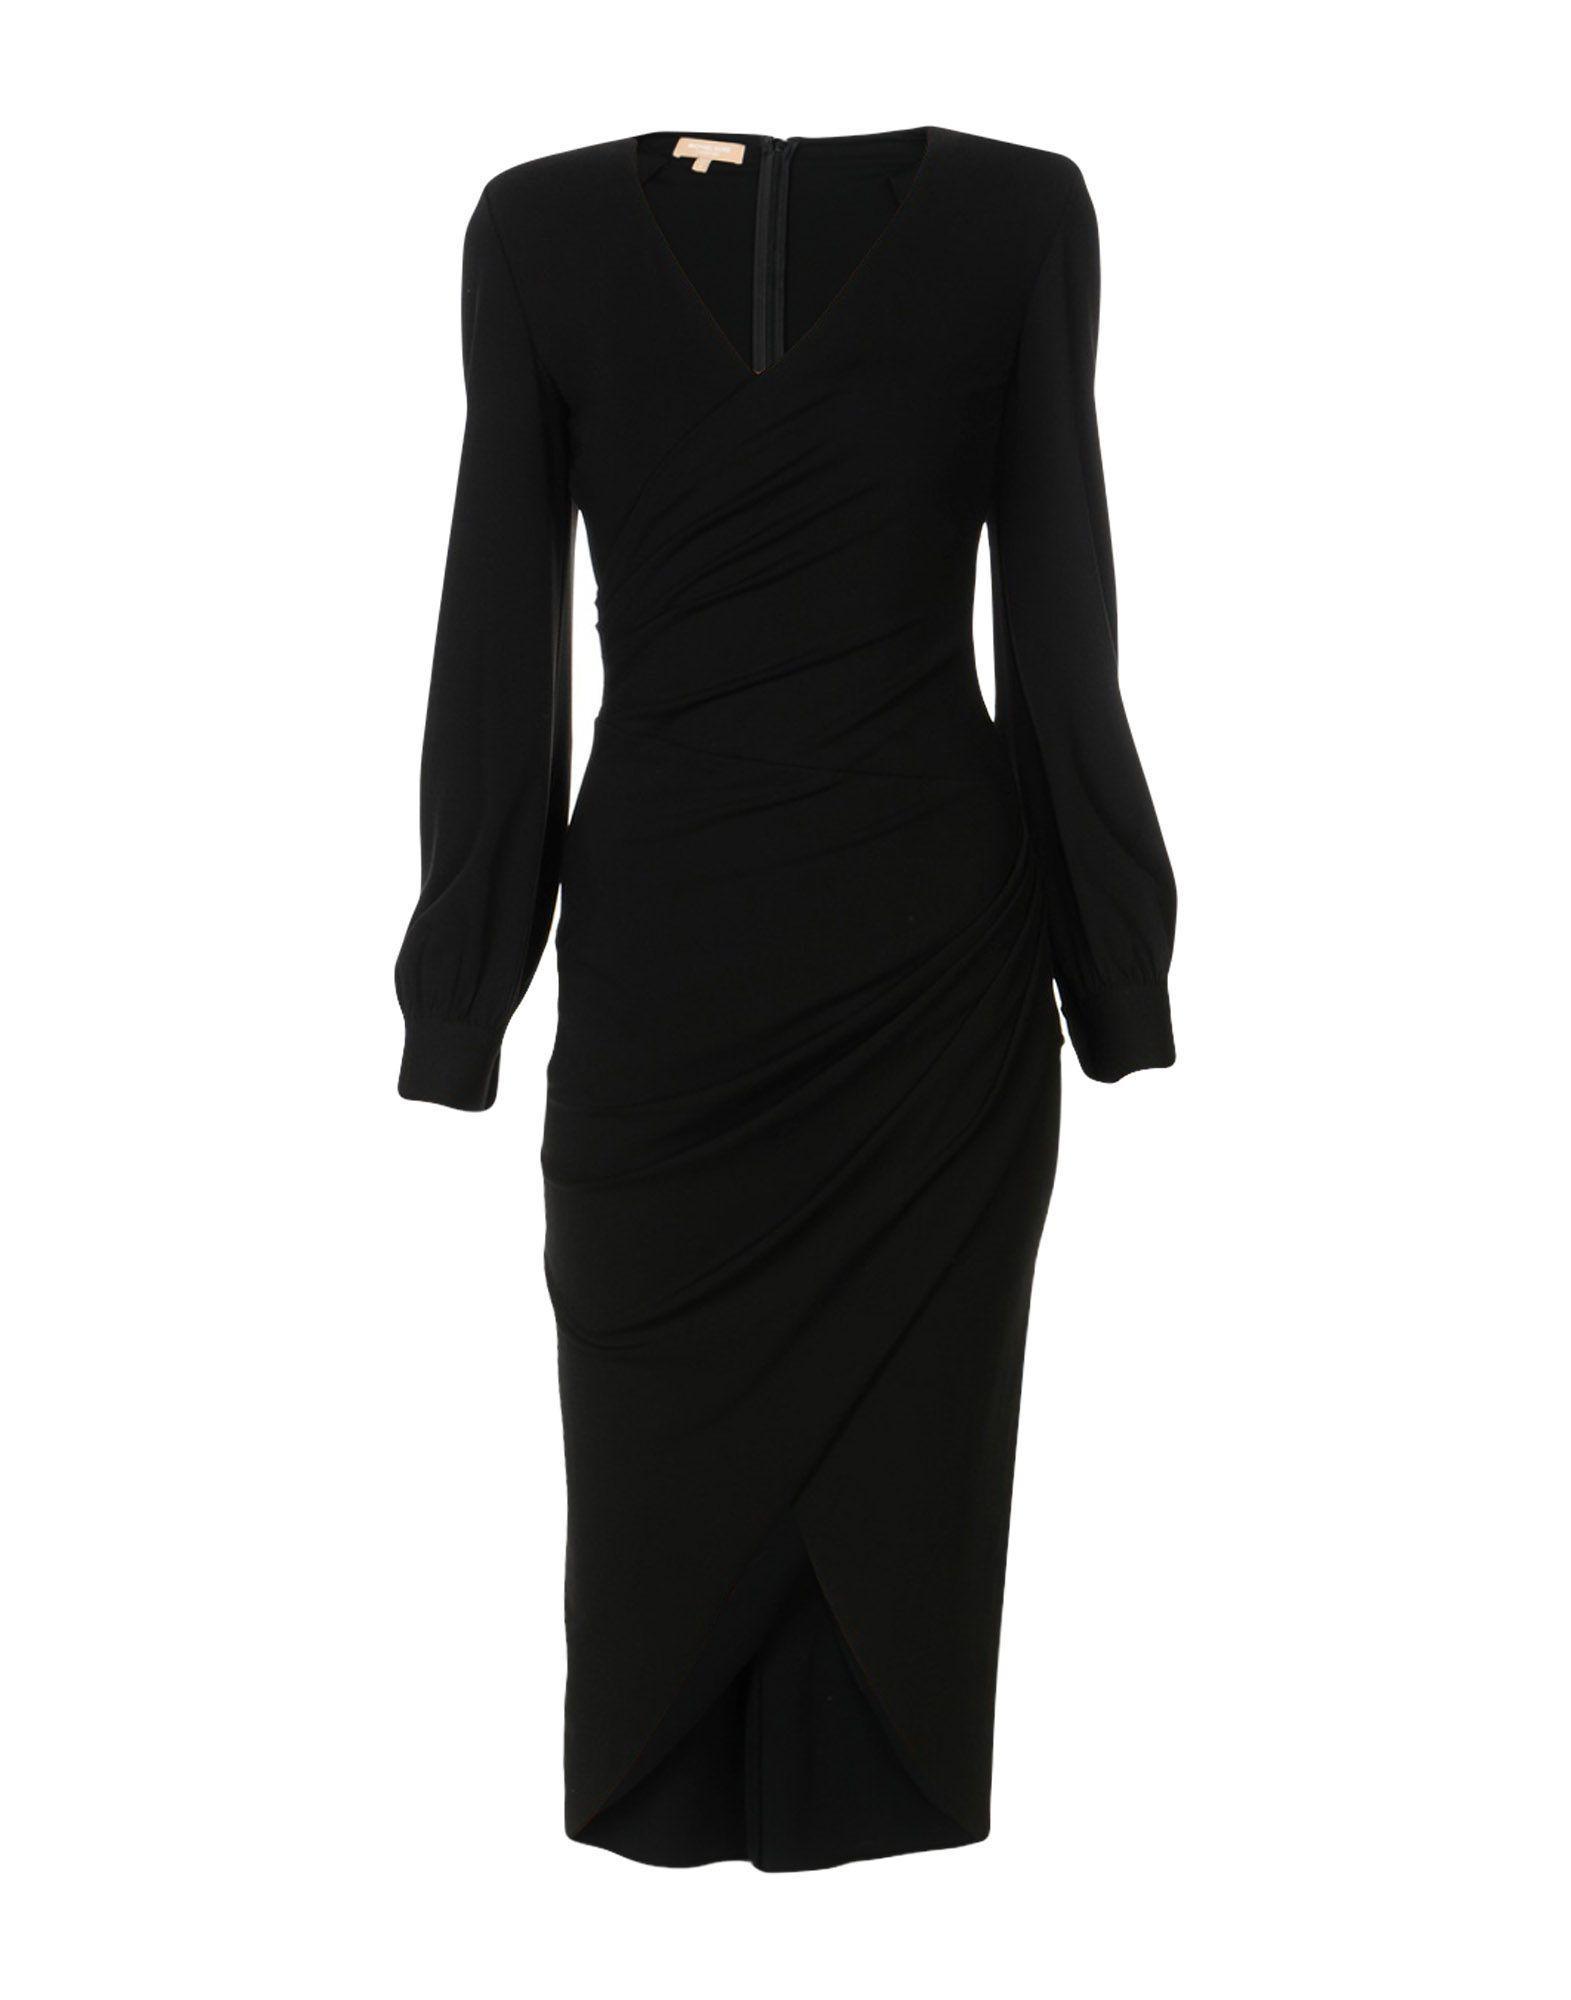 Michael Kors Knee-Length Dress In Black